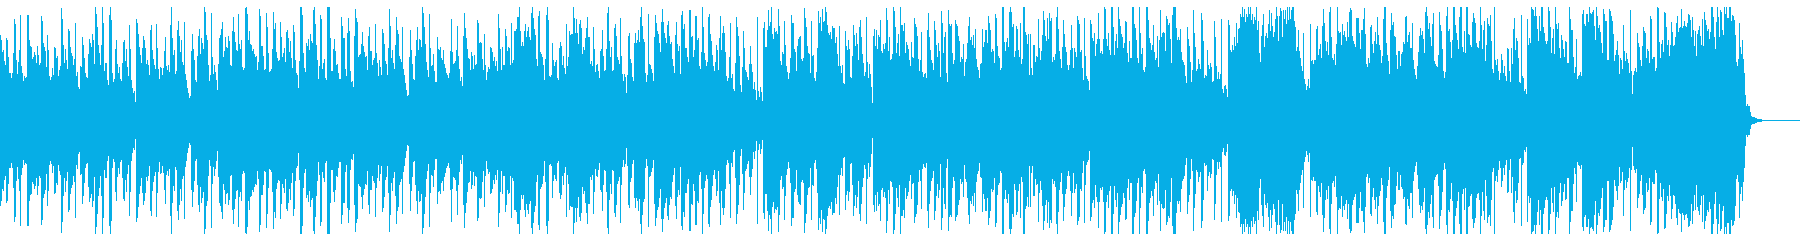 古筝・楊琴による中国伝統音楽風のBGMの再生済みの波形